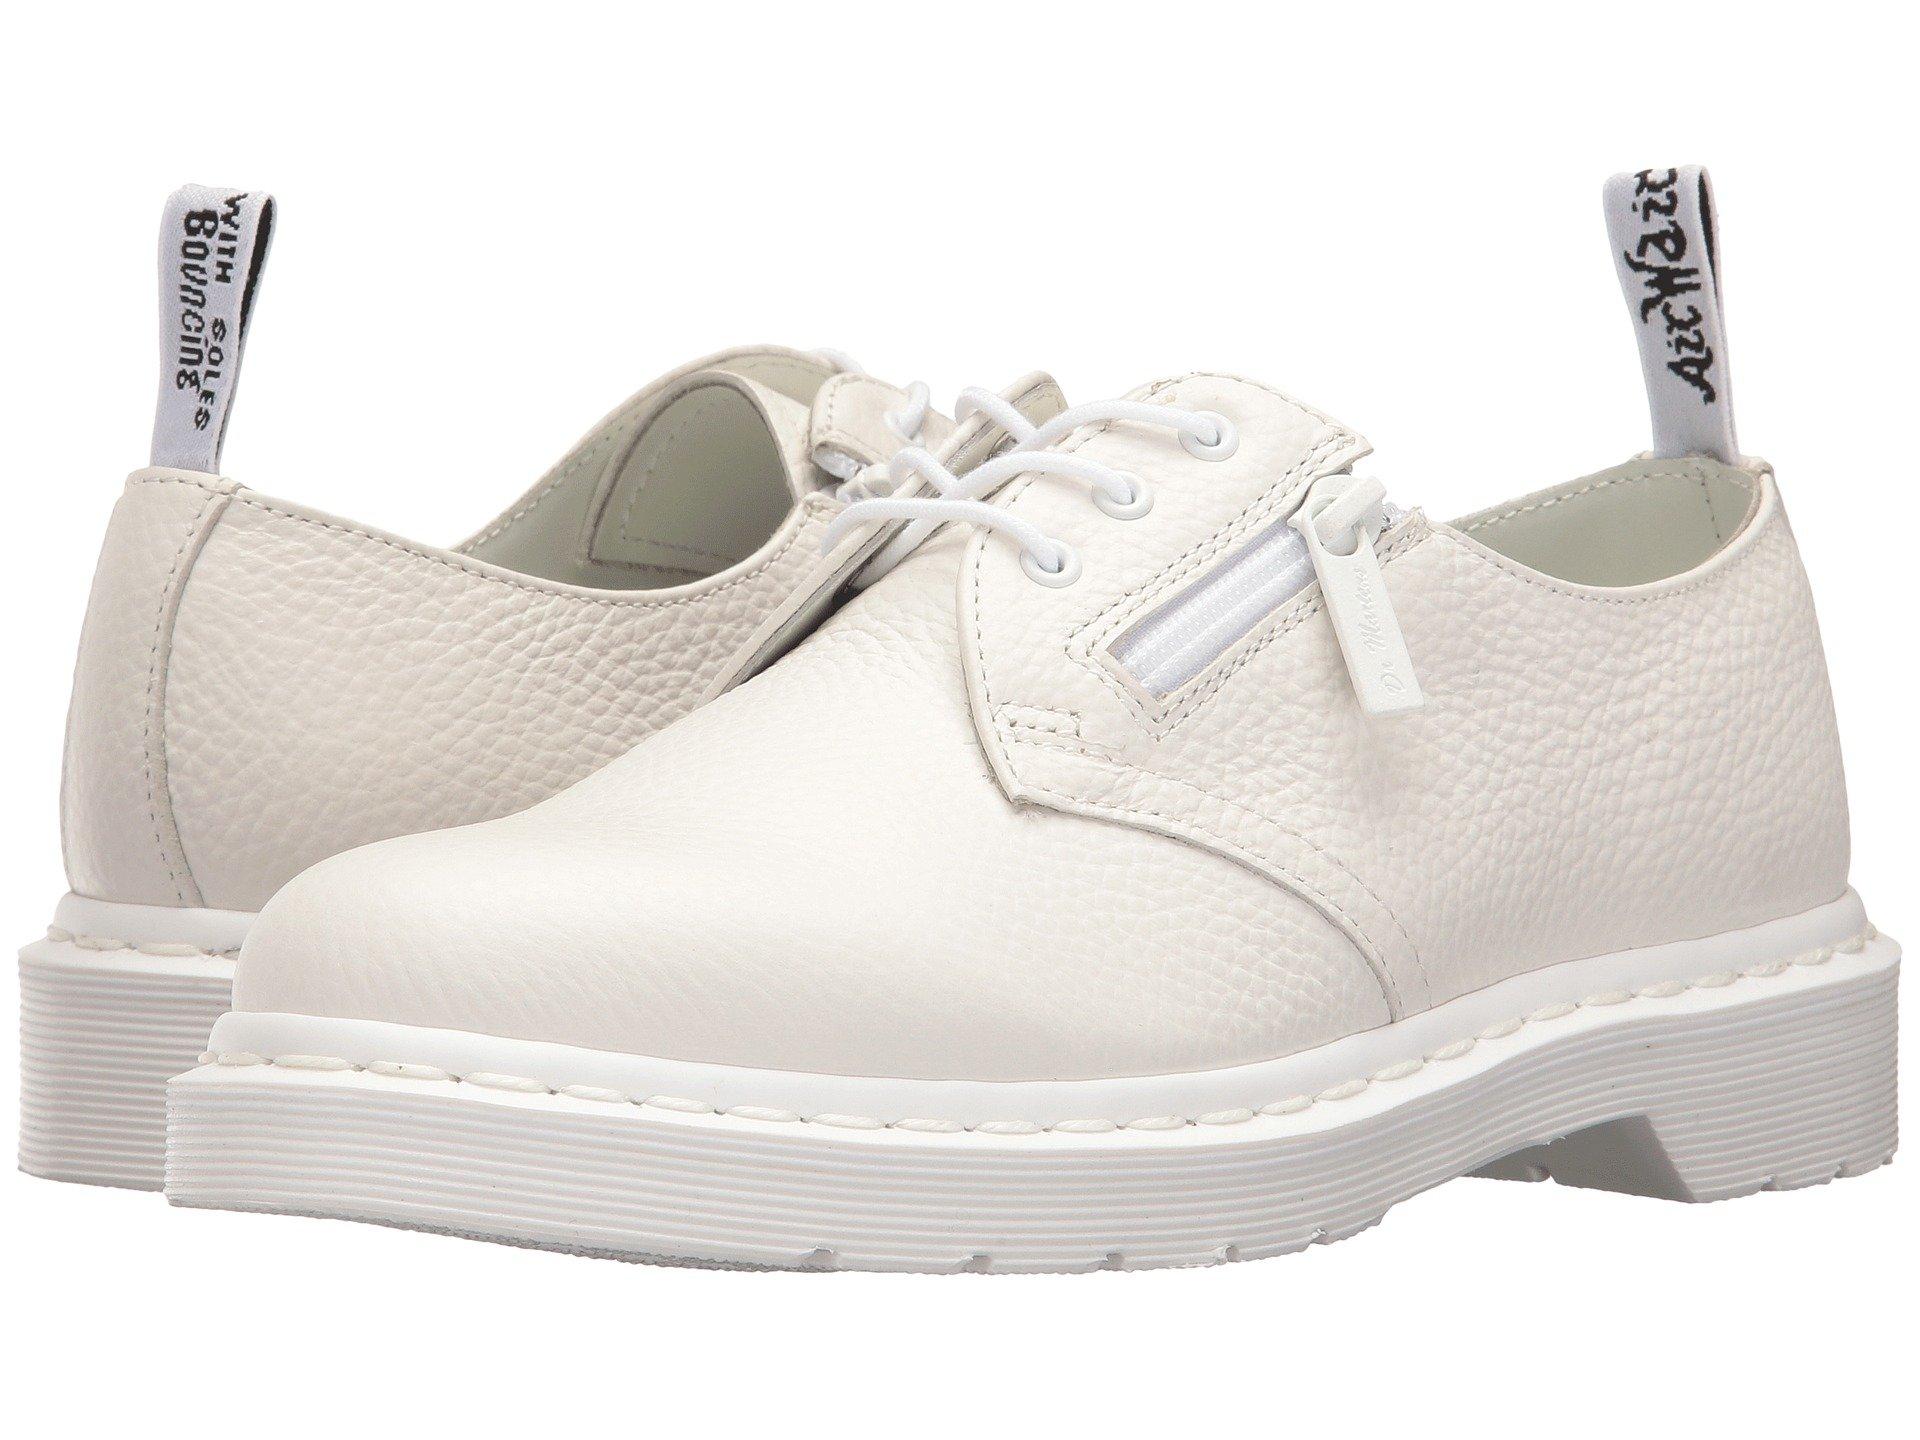 Zapato Casual para Mujer Dr. Martens 1461 w/ Zip  + Dr. Martens en VeoyCompro.net